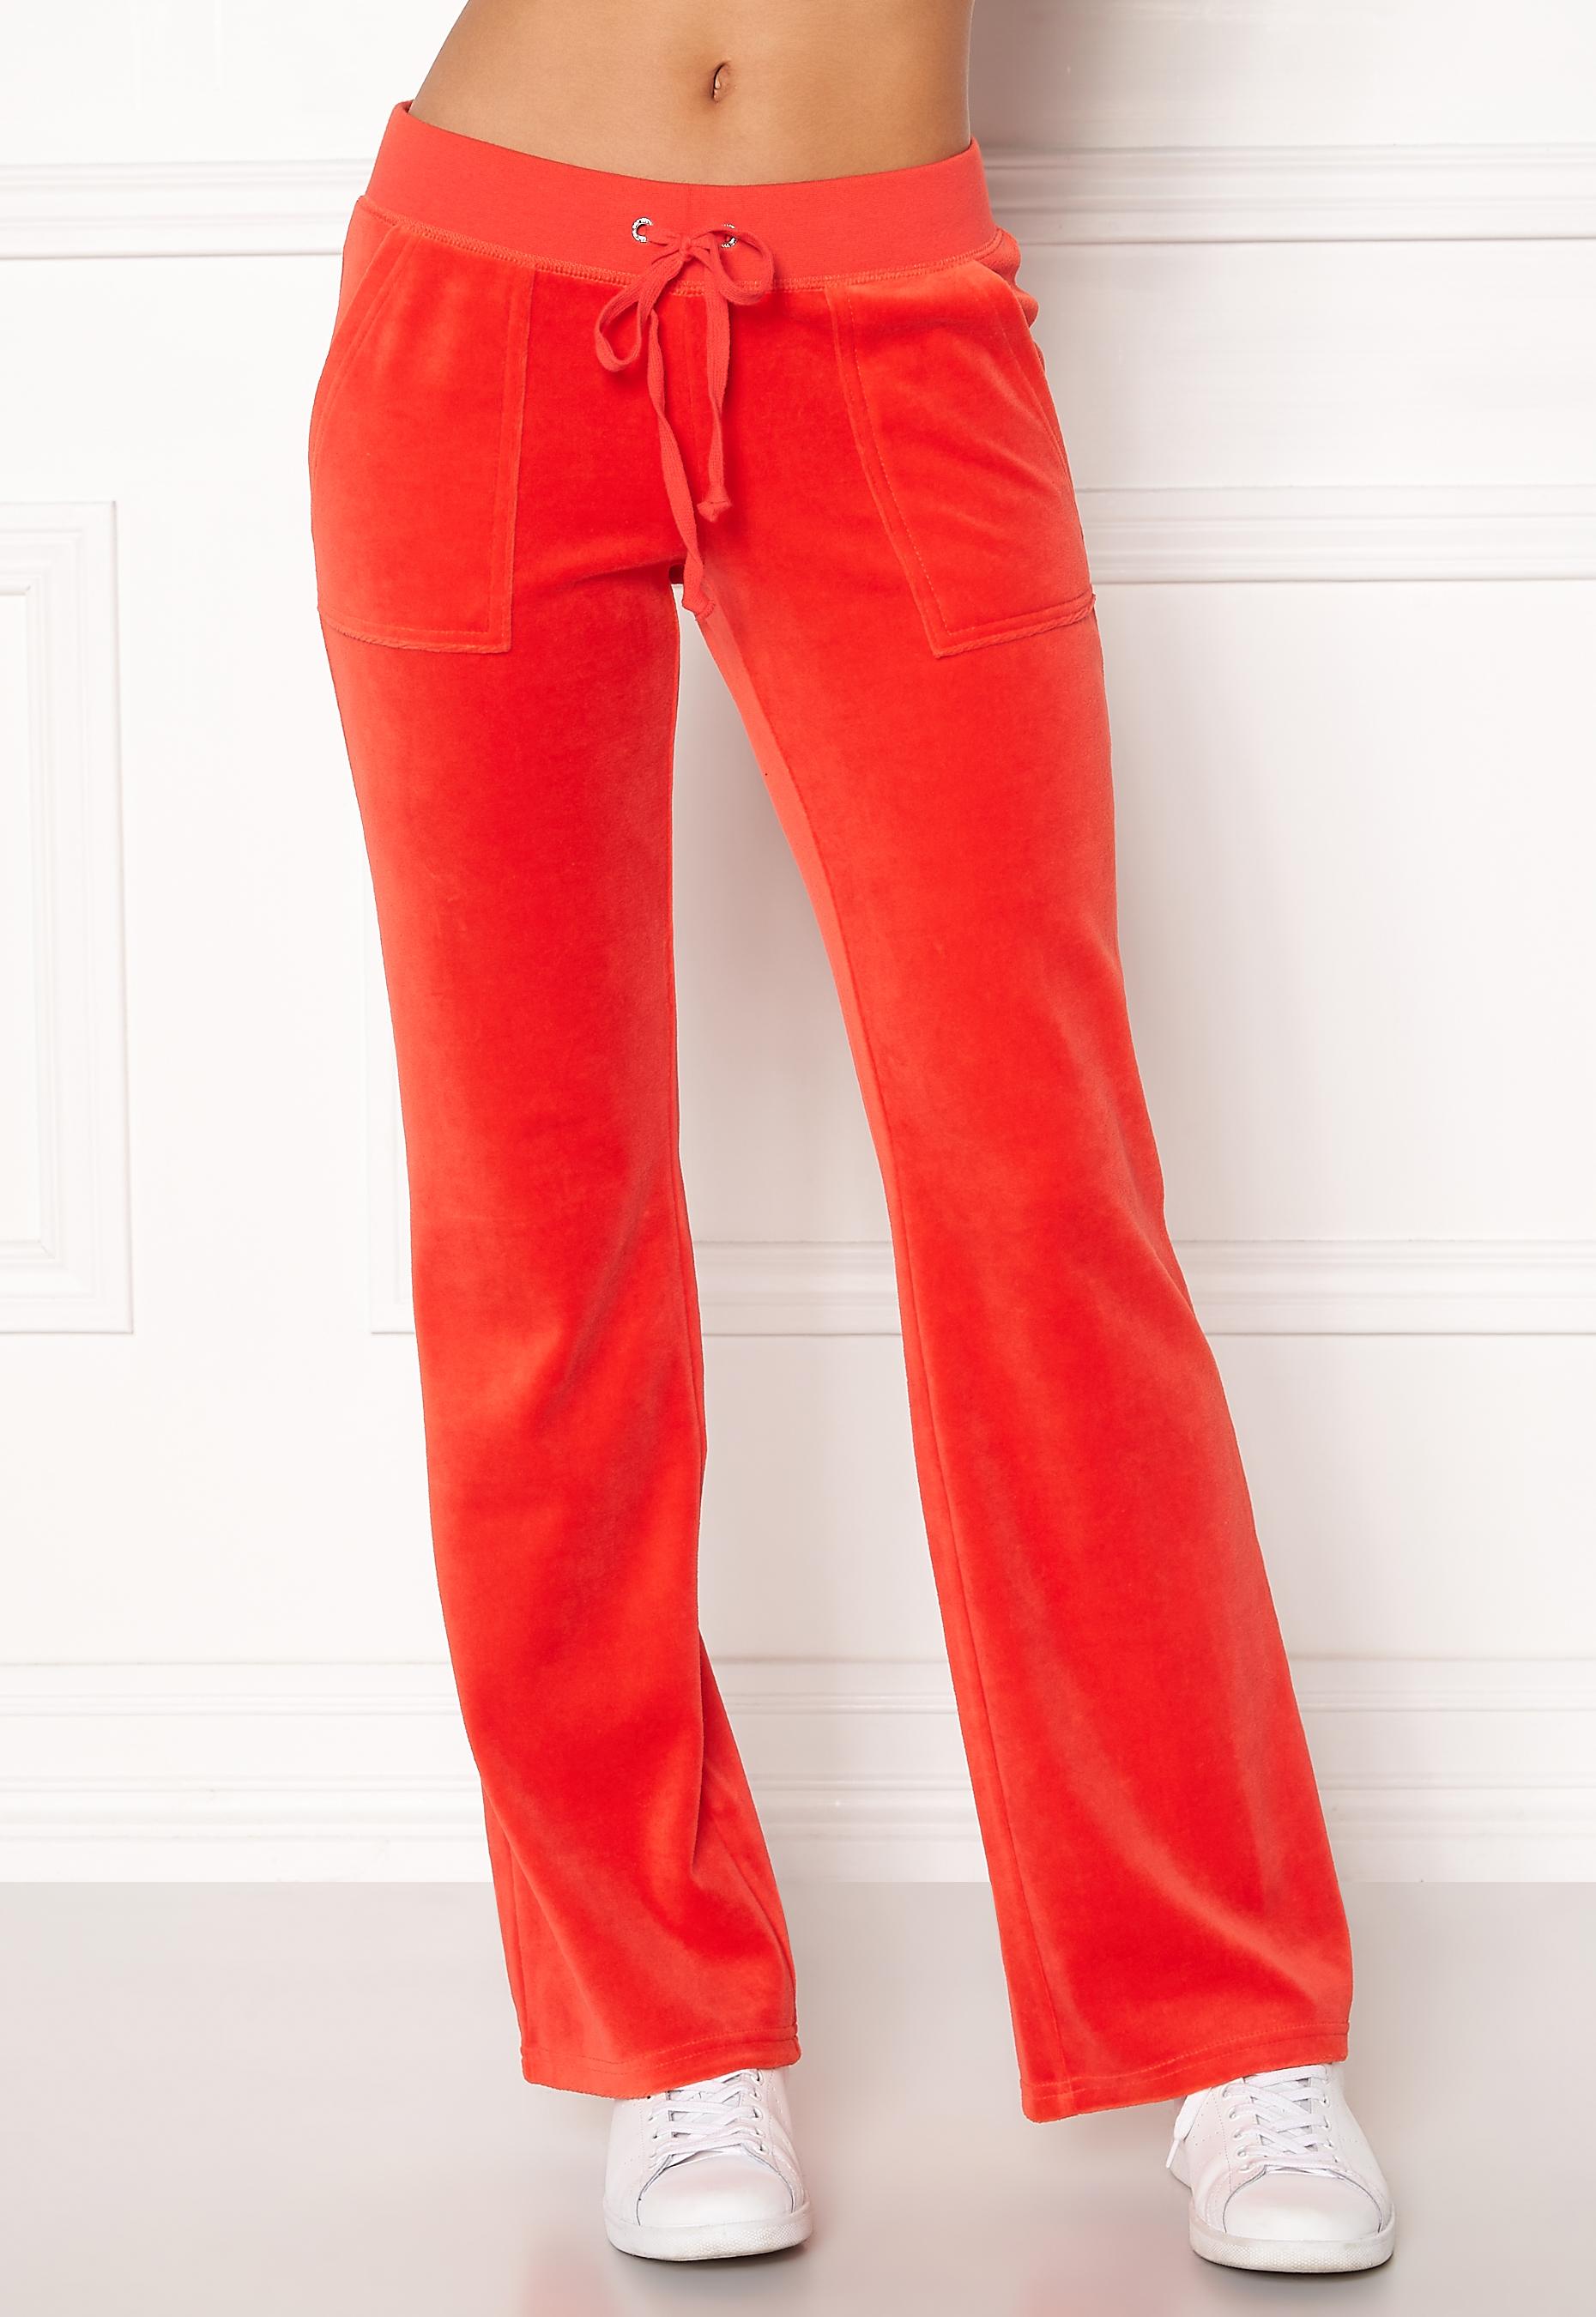 b226bcce Juicy Couture Velour Del Rey Pant City Rouge - Bubbleroom